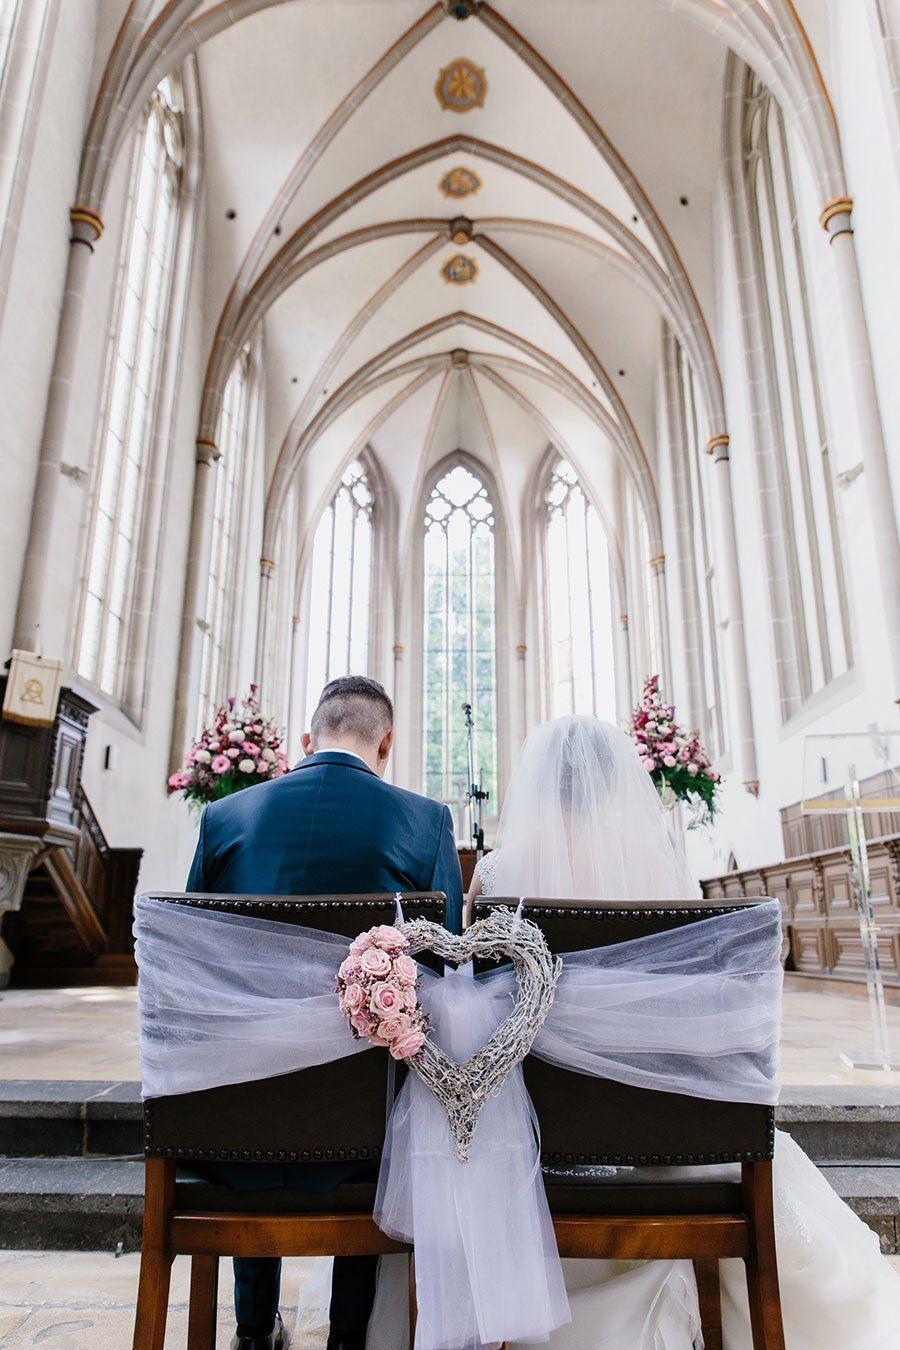 Die Stuhle Von Braut Und Brautigam In Der Kirche Mit Tull Zusammen Gebunden Und Mit Einem Herz Mi Kirchen Deko Hochzeit Kirchenschmuck Hochzeit Hochzeit Kirche